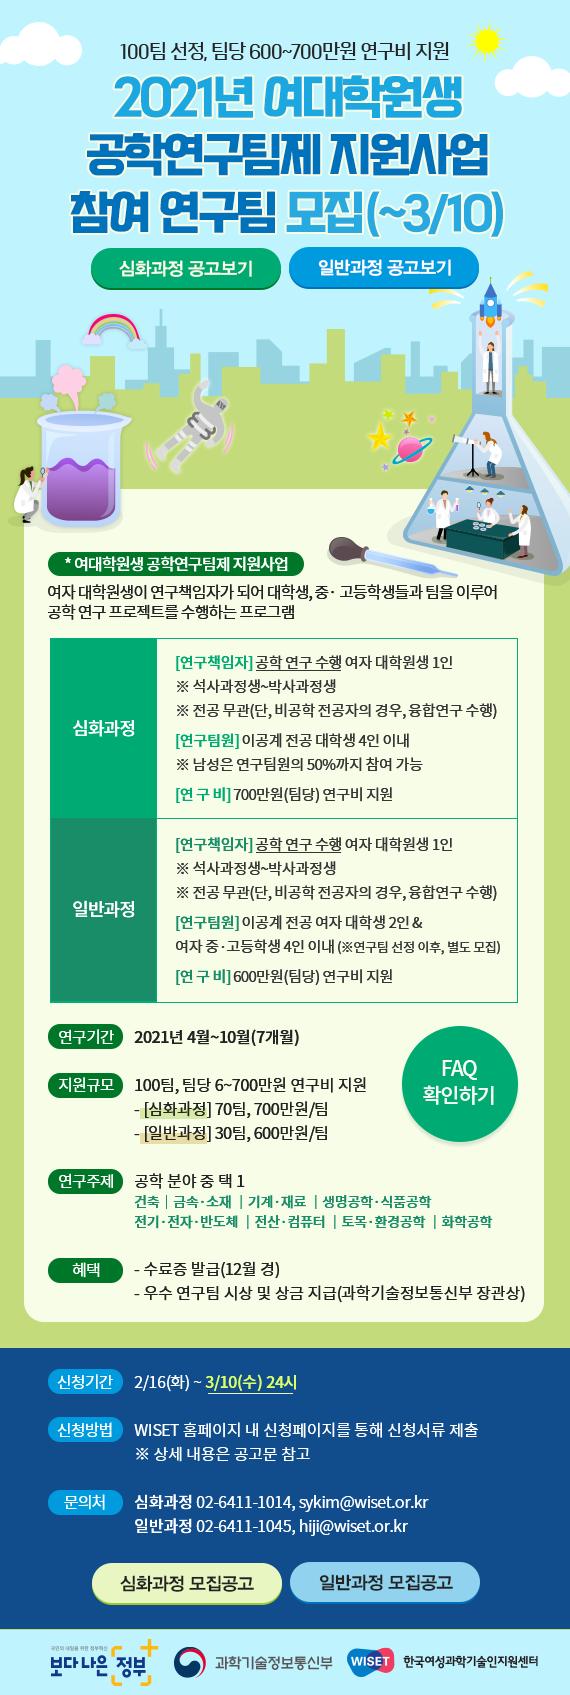 초청장_여대학원생 공학연구팀제 지원사업.png